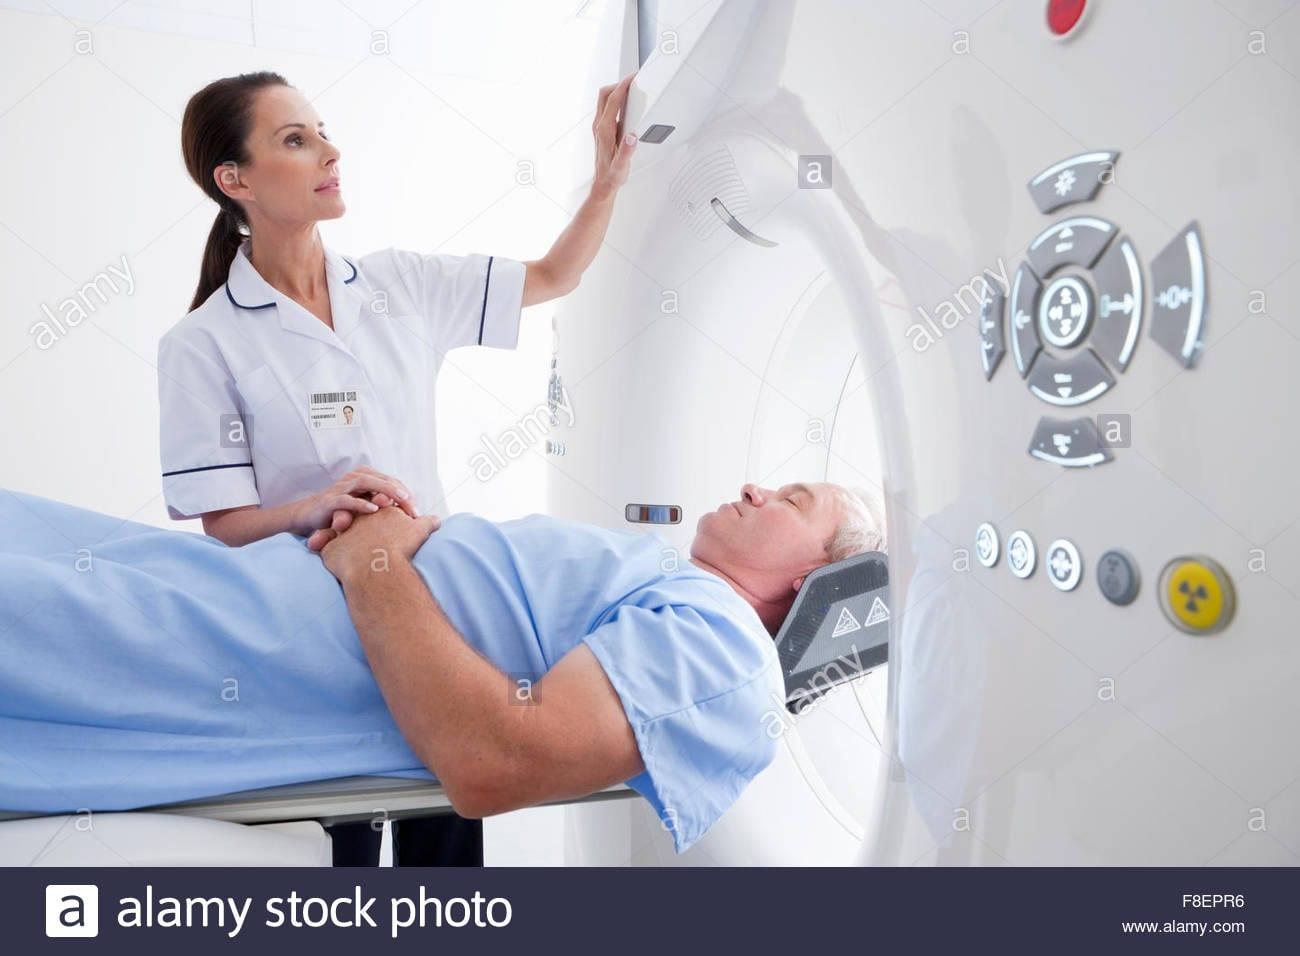 Infirmiere Technicien Preparation Patient Pour Ct Scan A Lhopital F8epr6